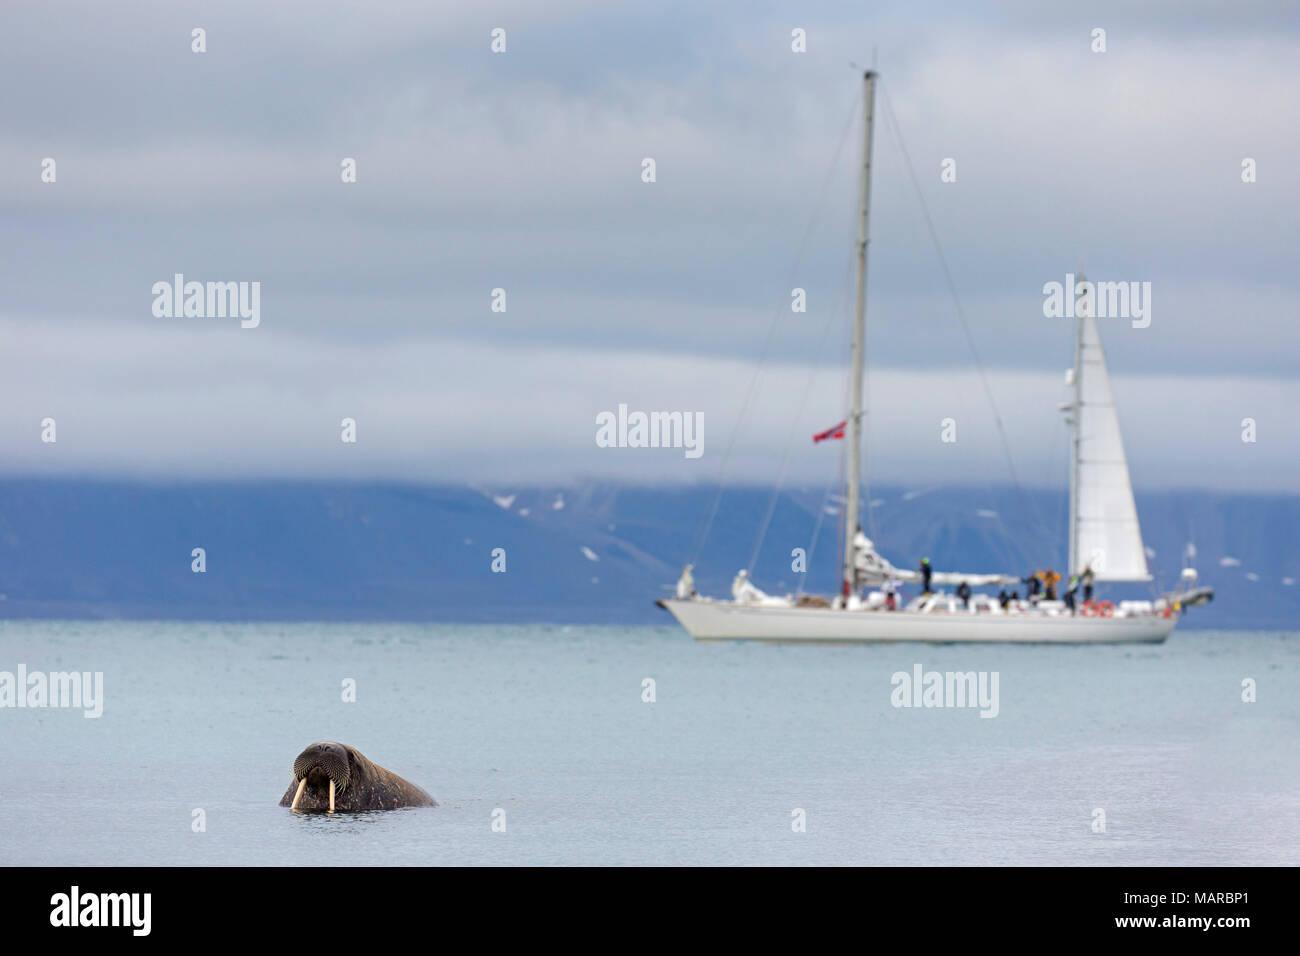 La morsa del Atlántico (Odobenus rosmarus). Un solo individuo en agua con velero en el fondo. Svalbard, Noruega Imagen De Stock